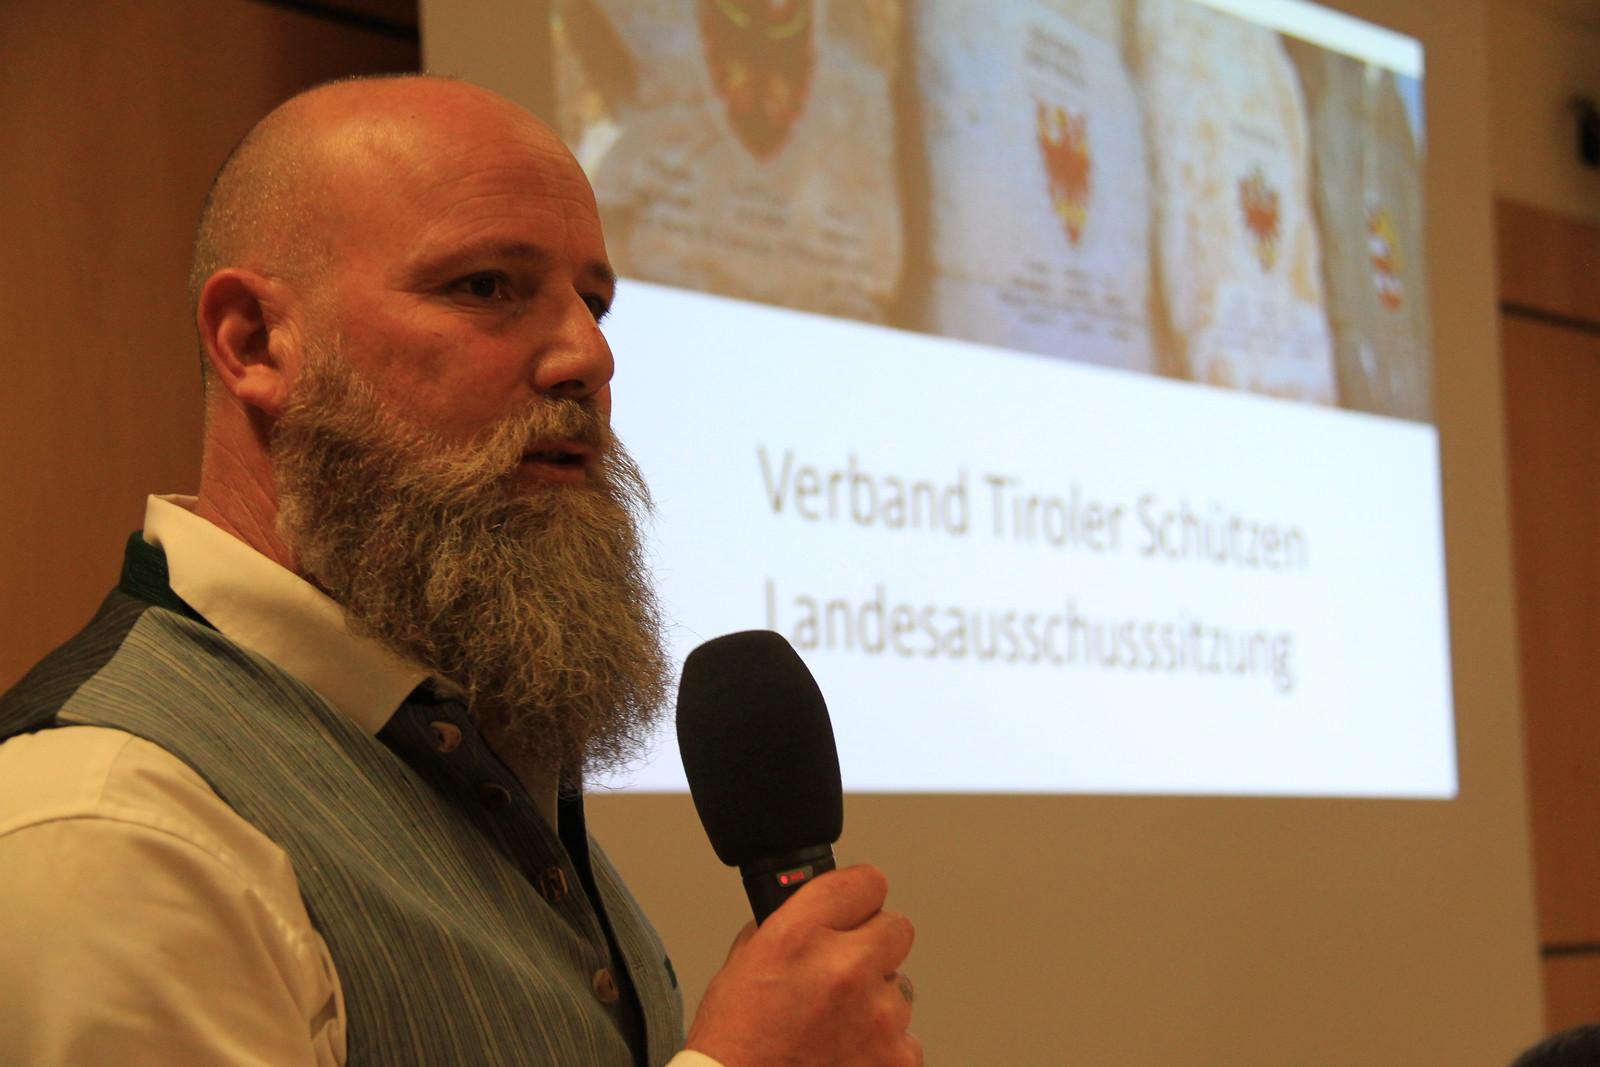 Landesausschusssitzung Verband Tiroler Schützen, Brixen, 24.11.2018